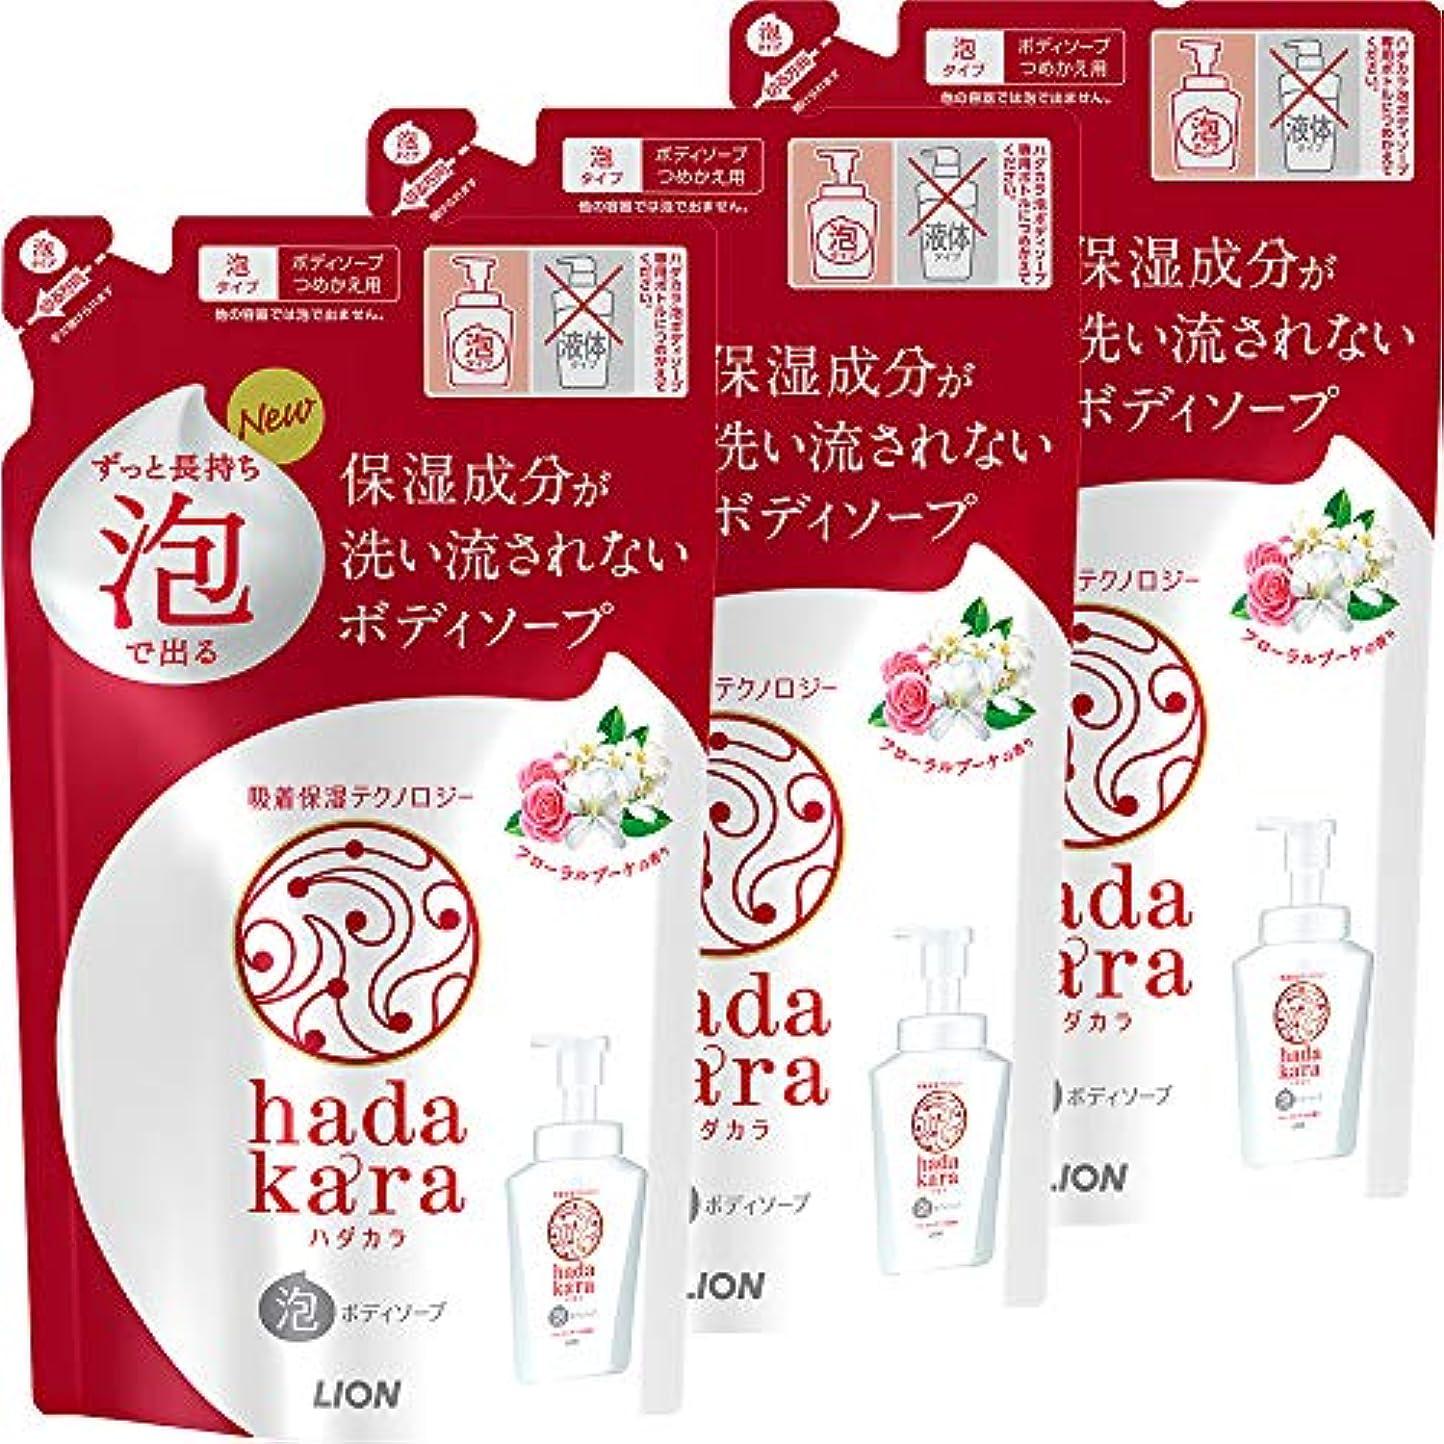 禁止するしなやか慣らすhadakara(ハダカラ) ボディソープ 泡タイプ フローラルブーケの香り 詰替440ml×3個